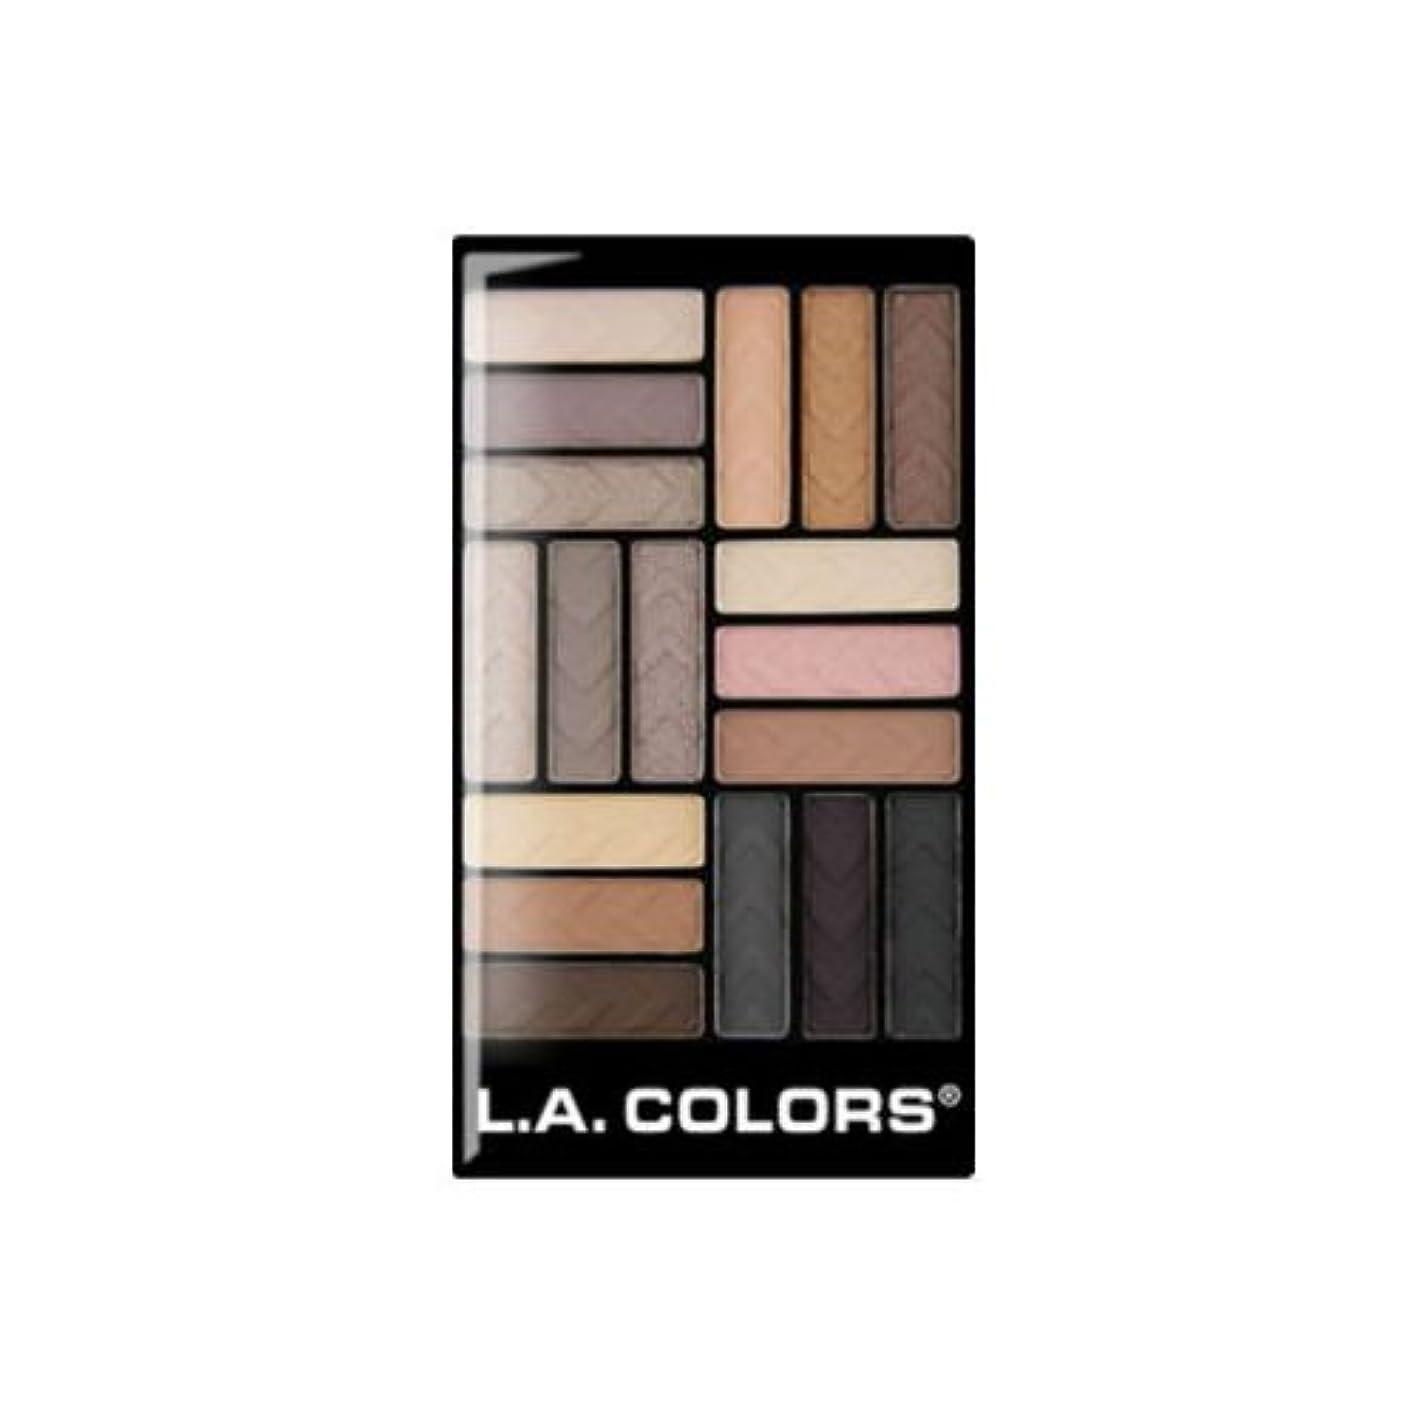 移行するカエルディレクター(3 Pack) L.A. COLORS 18 Color Eyeshadow - Downtown Brown (並行輸入品)